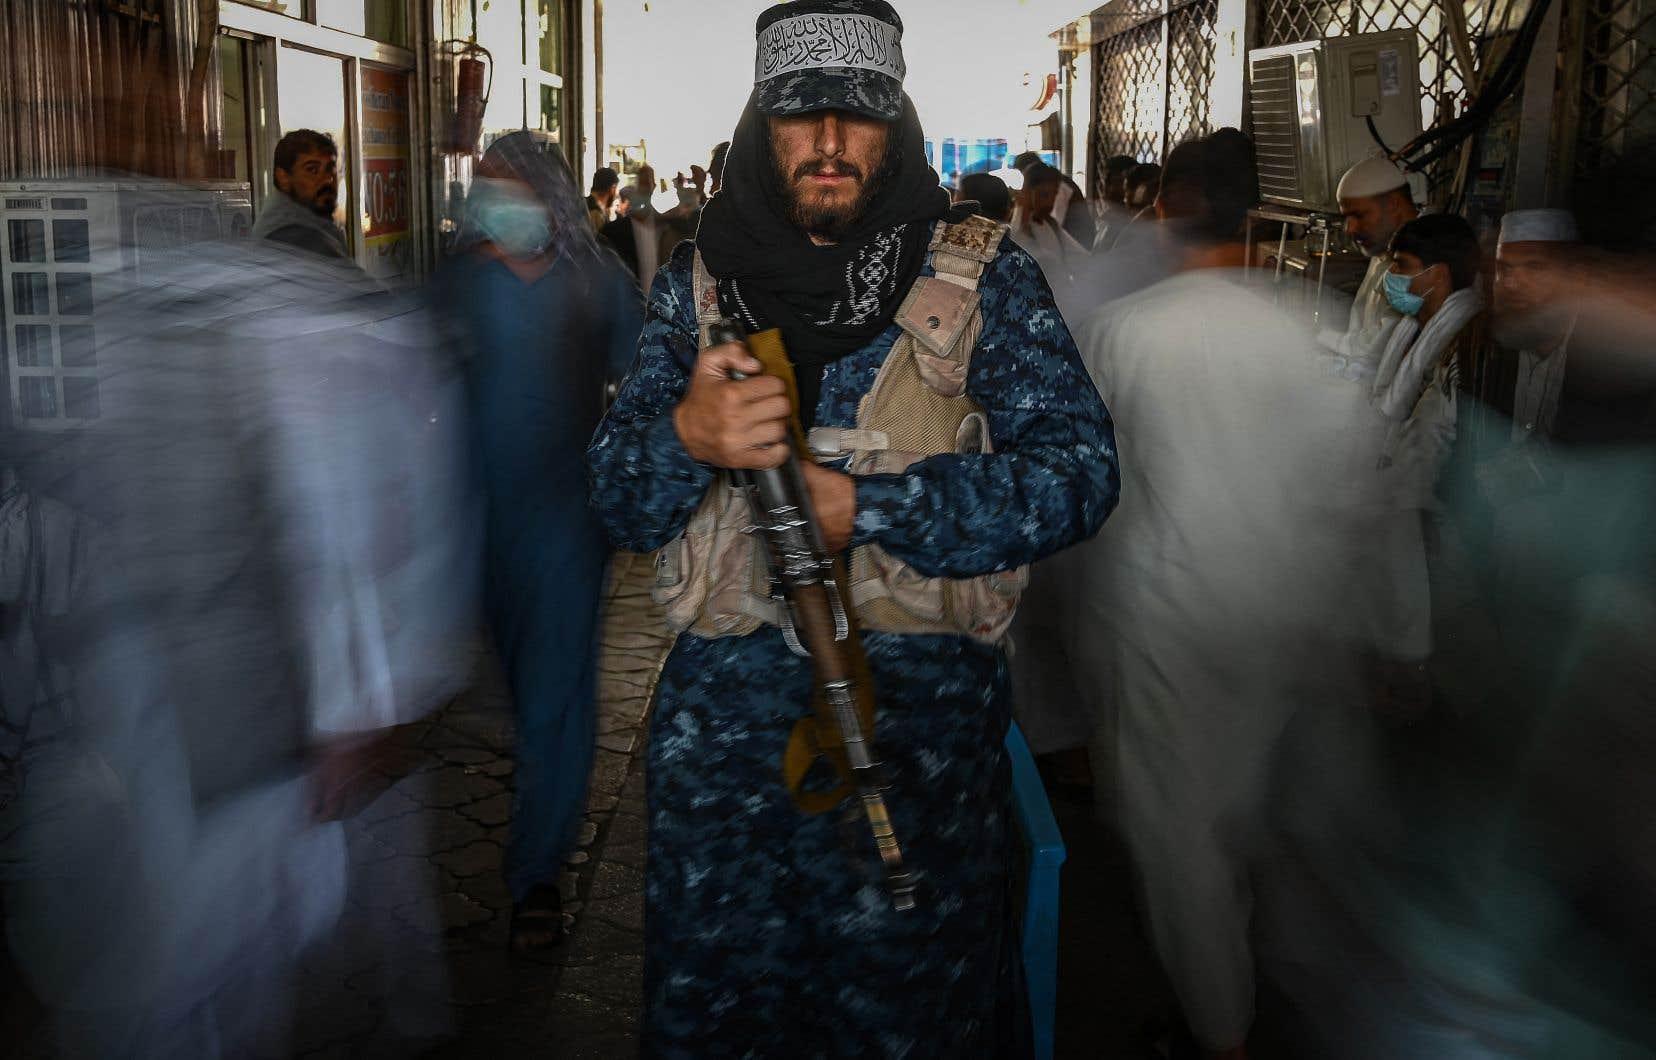 Un combattant taliban monte la garde alors que les gens passent devant lui dans un marché à Kaboul.